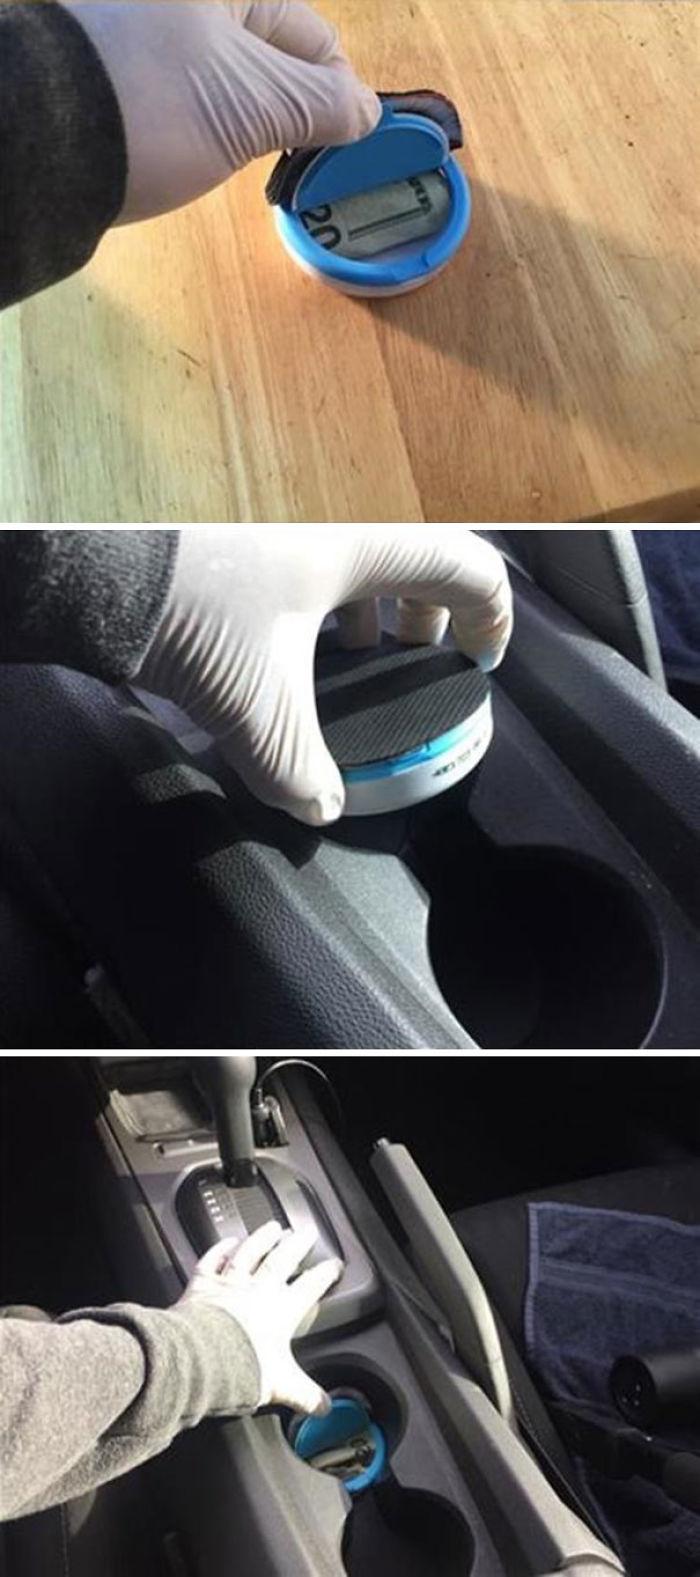 Para esconder cosas en el coche